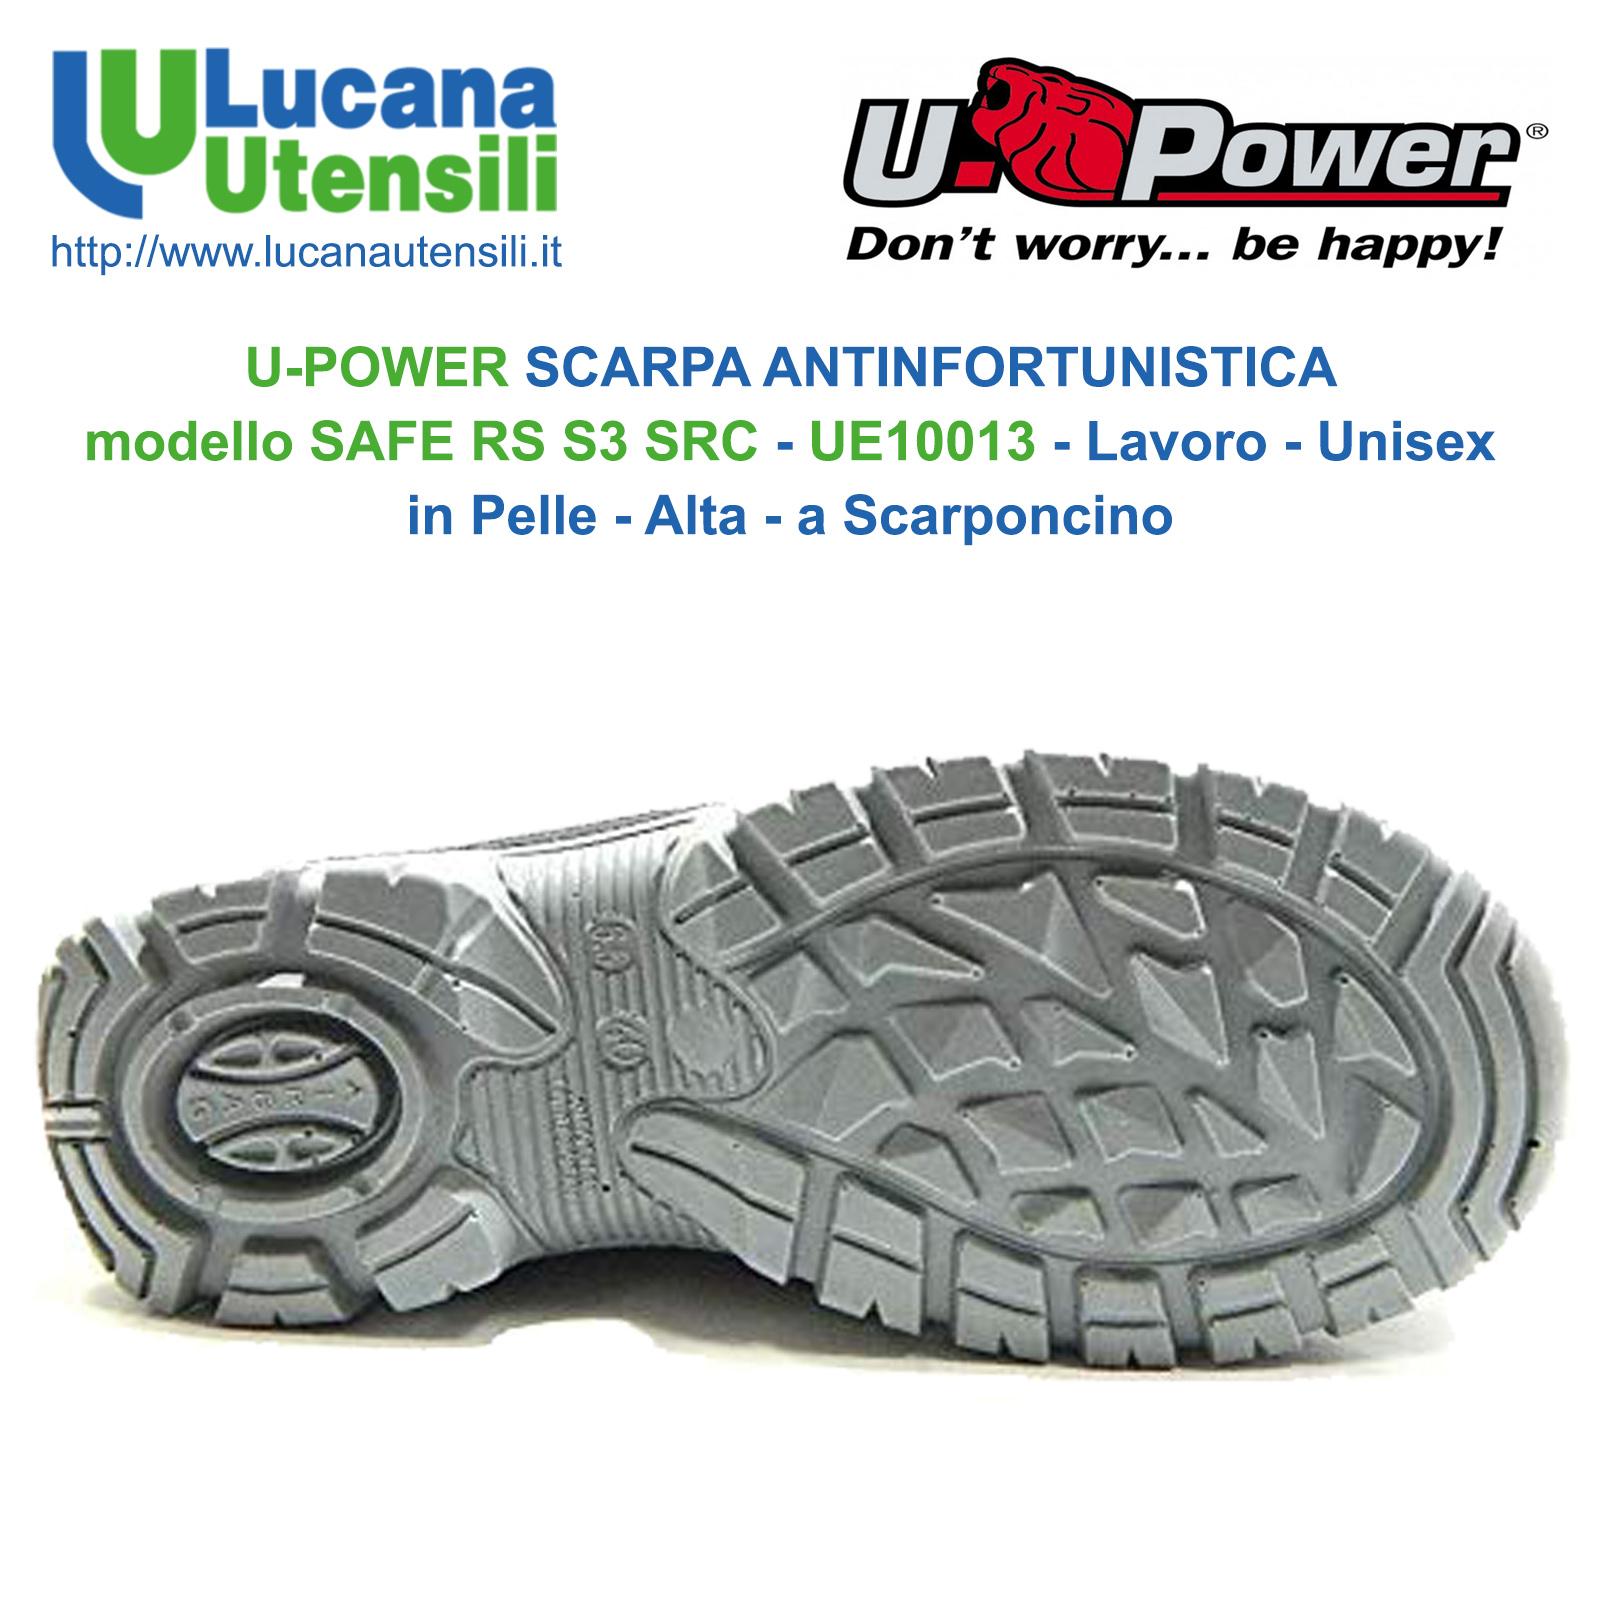 A basso prezzo eccezionale gamma di colori prezzo più economico U-POWER SCARPA ANTINFORTUNISTICA modello SAFE RS S3 SRC - UE10013 - Lavoro  - Unisex - in Pelle - Alta - a Scarponcino